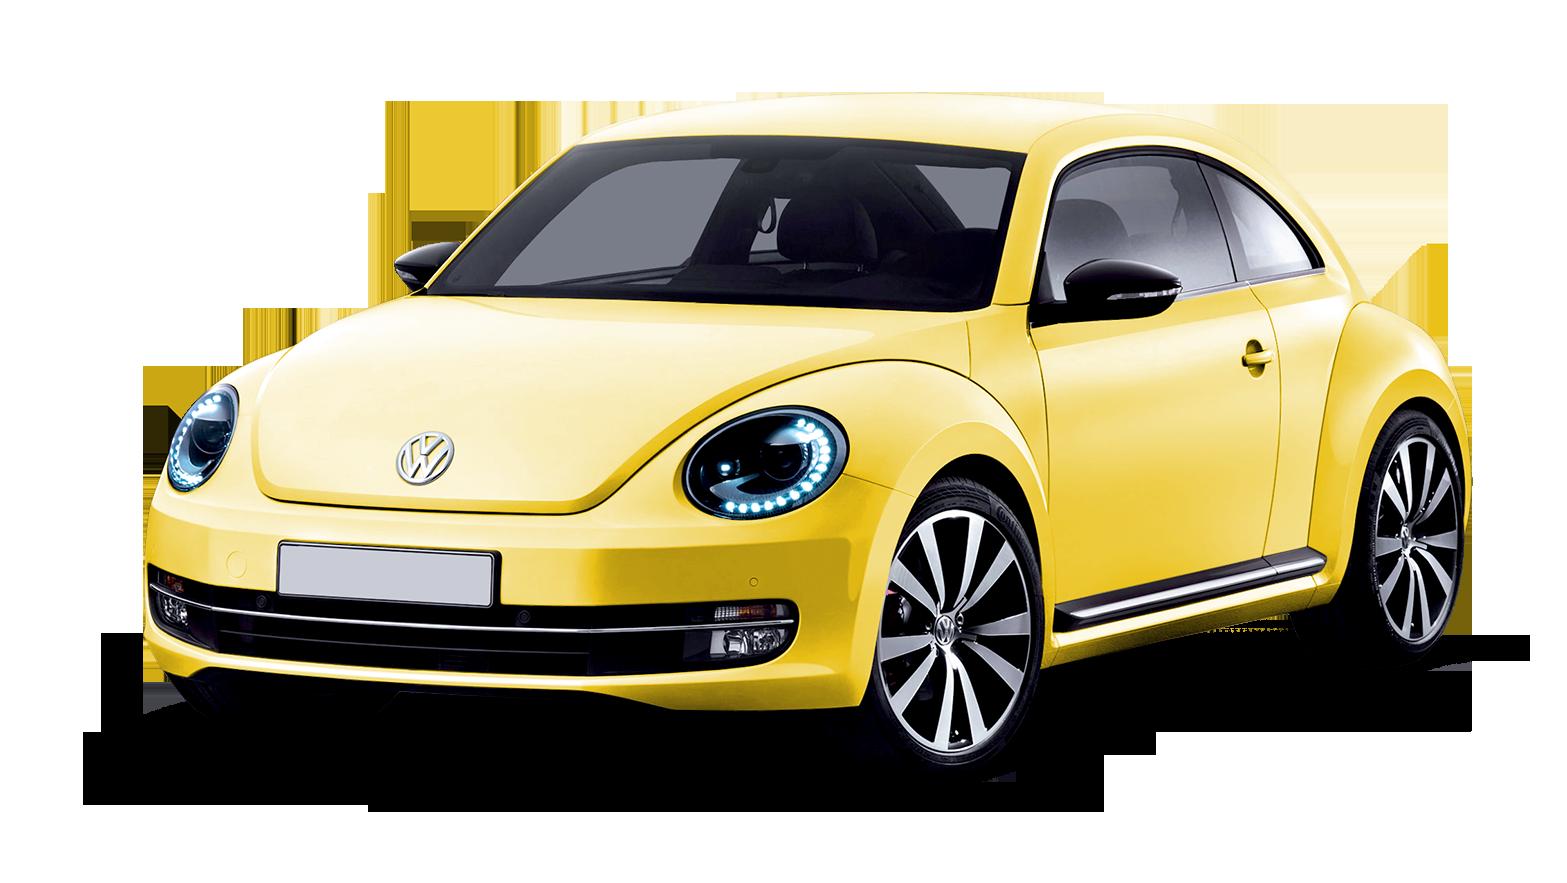 Yellow Volkswagen Beetle PNG car image